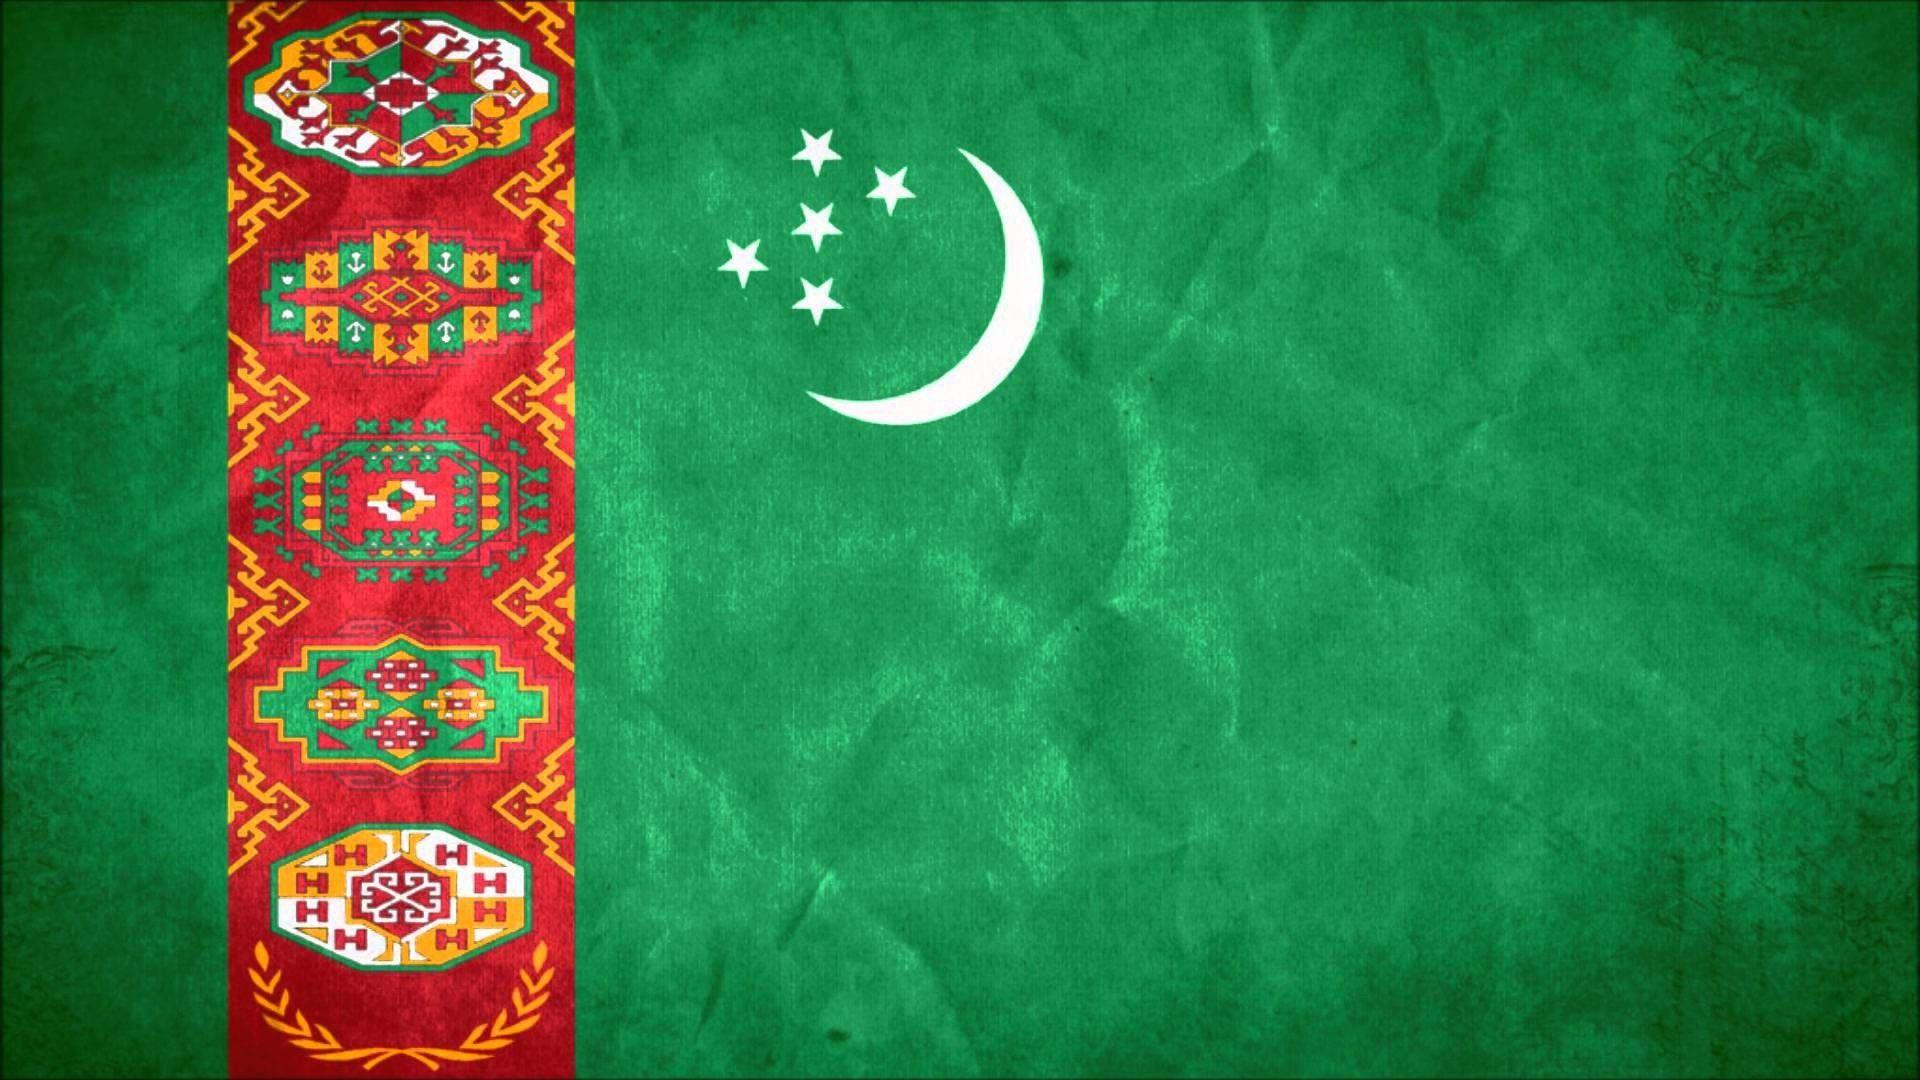 Flag of Turkmenistan wallpaper Education Flag art Flag Design 1920x1080